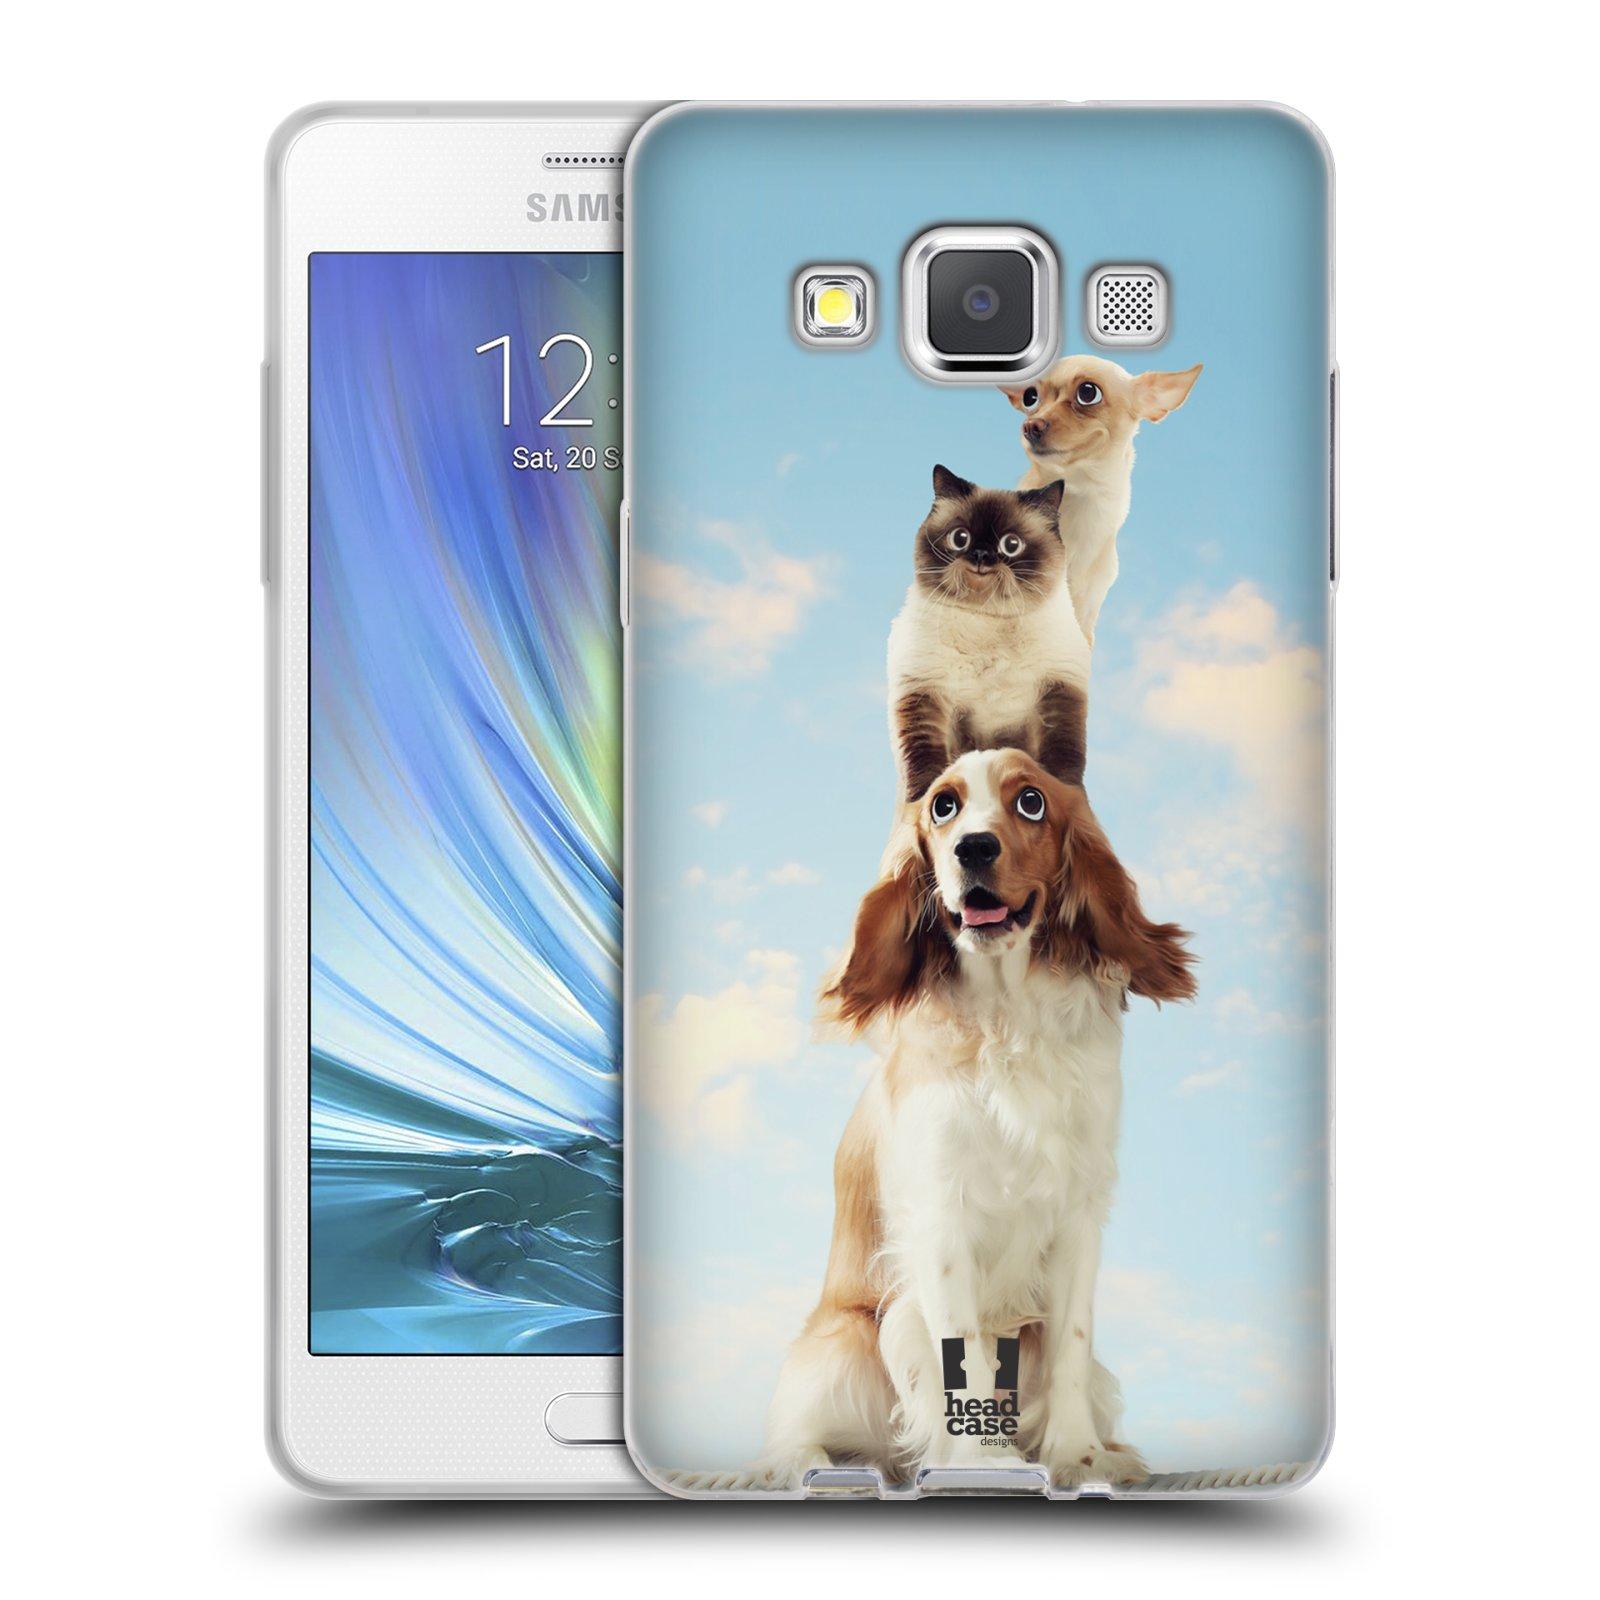 HEAD CASE silikonový obal na mobil Samsung Galaxy A5 vzor Legrační zvířátka zvířecí totem